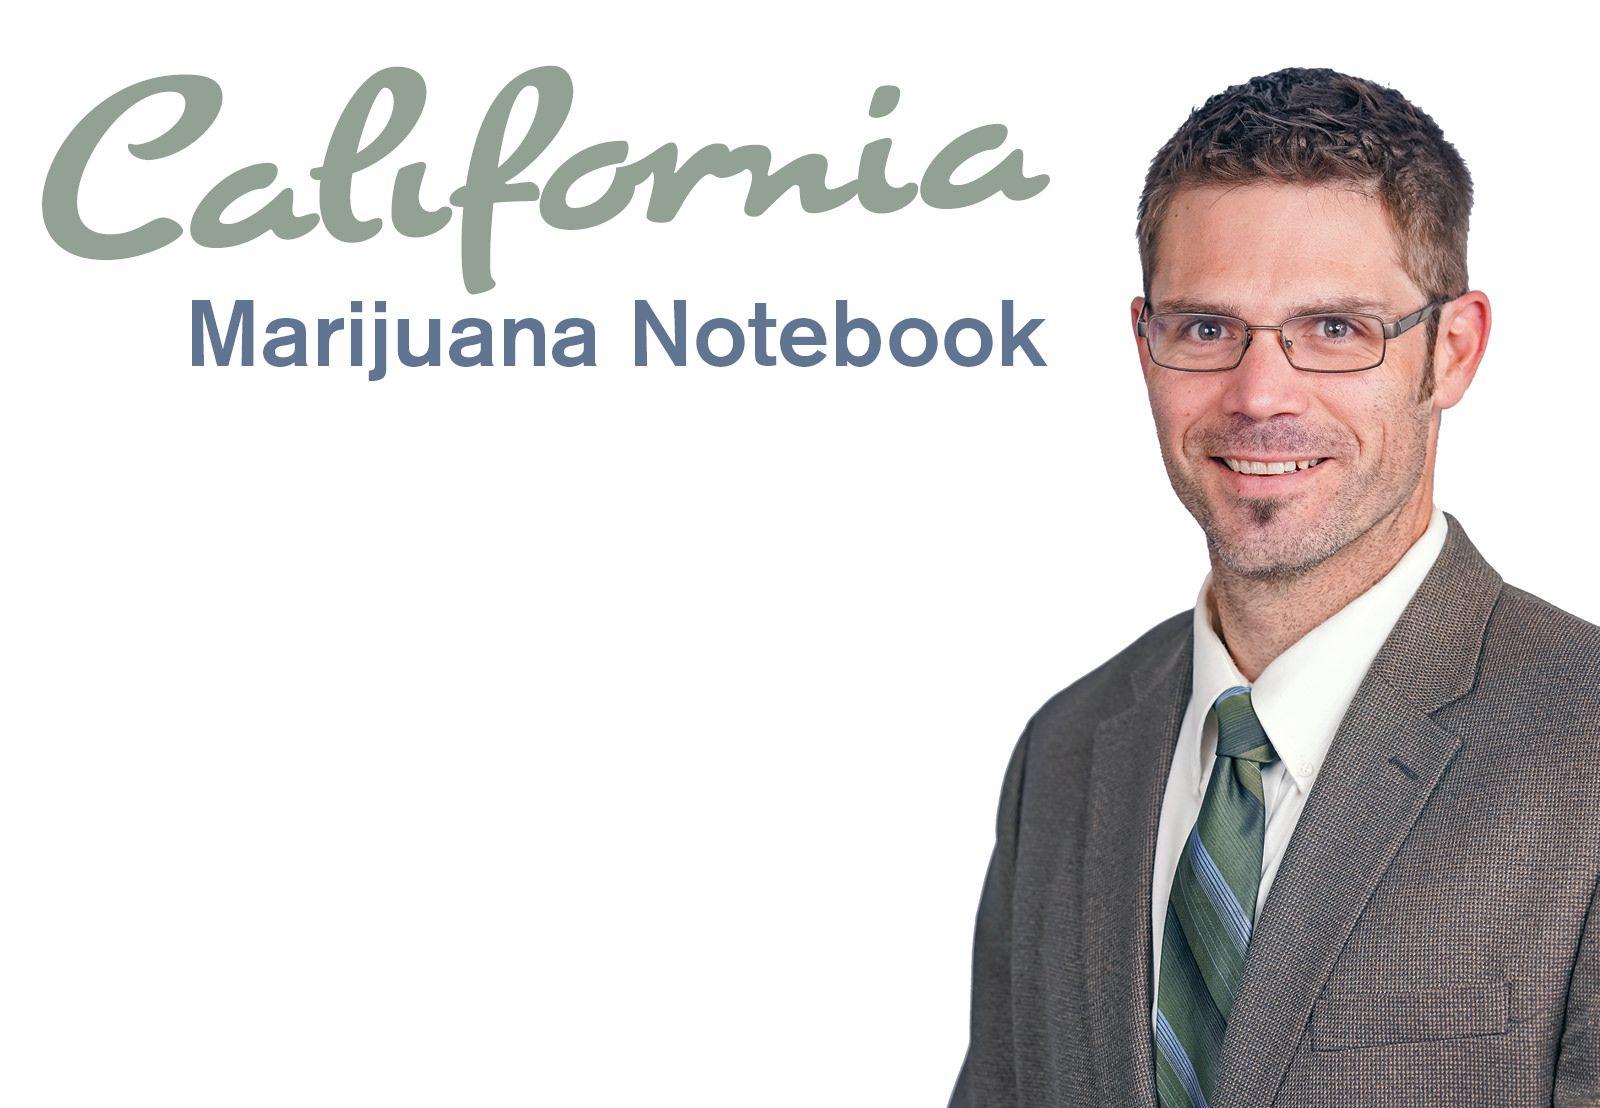 santa barbara marijuana, California Marijuana Notebook: Life looking good for Santa Barbara cannabis operators